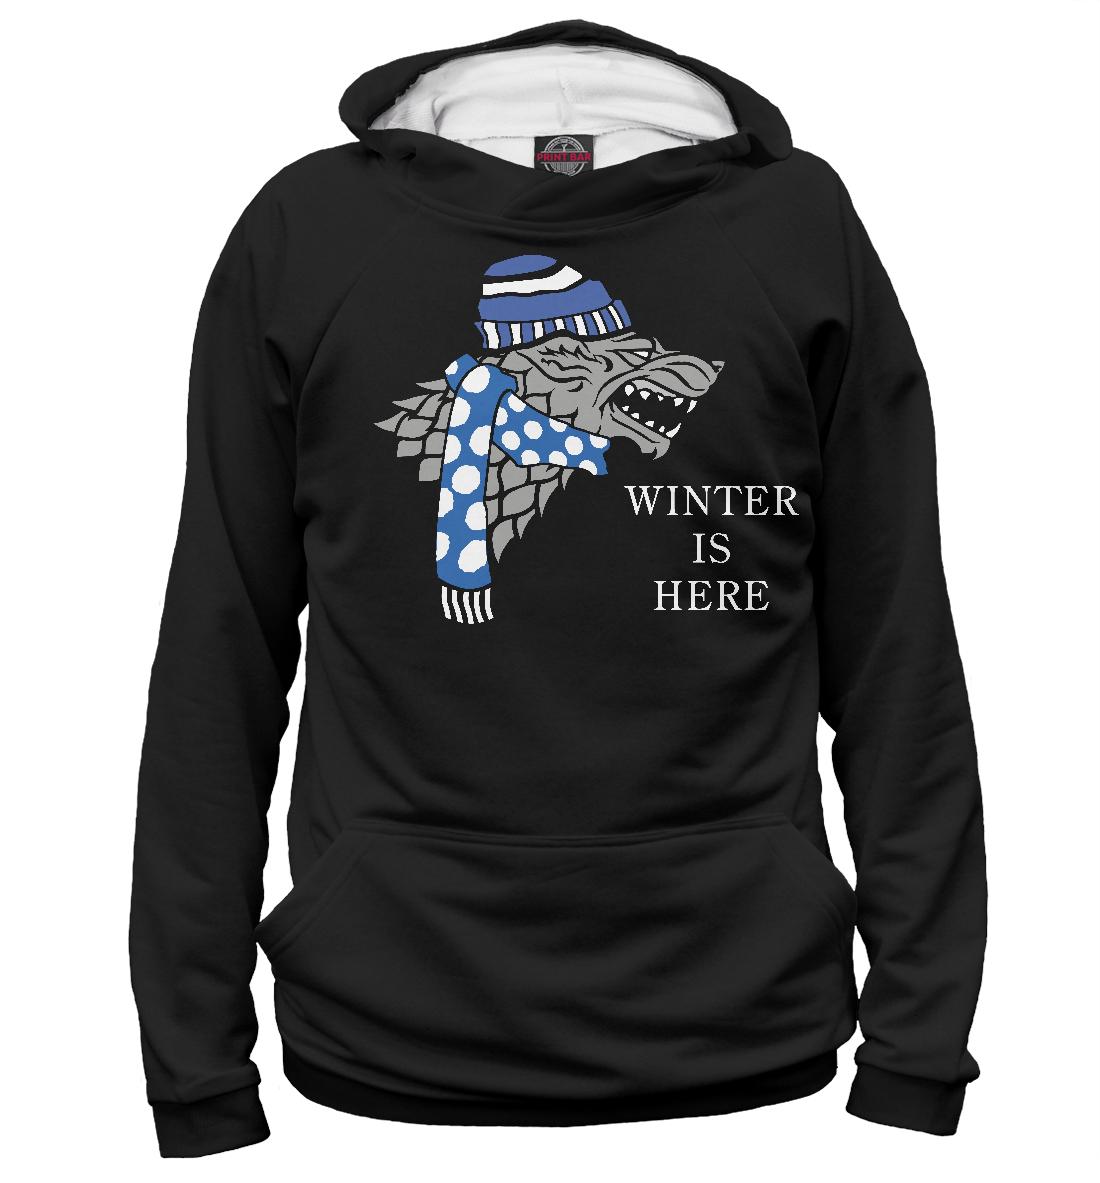 Купить Зима здесь, Printbar, Худи, IGR-257926-hud-1